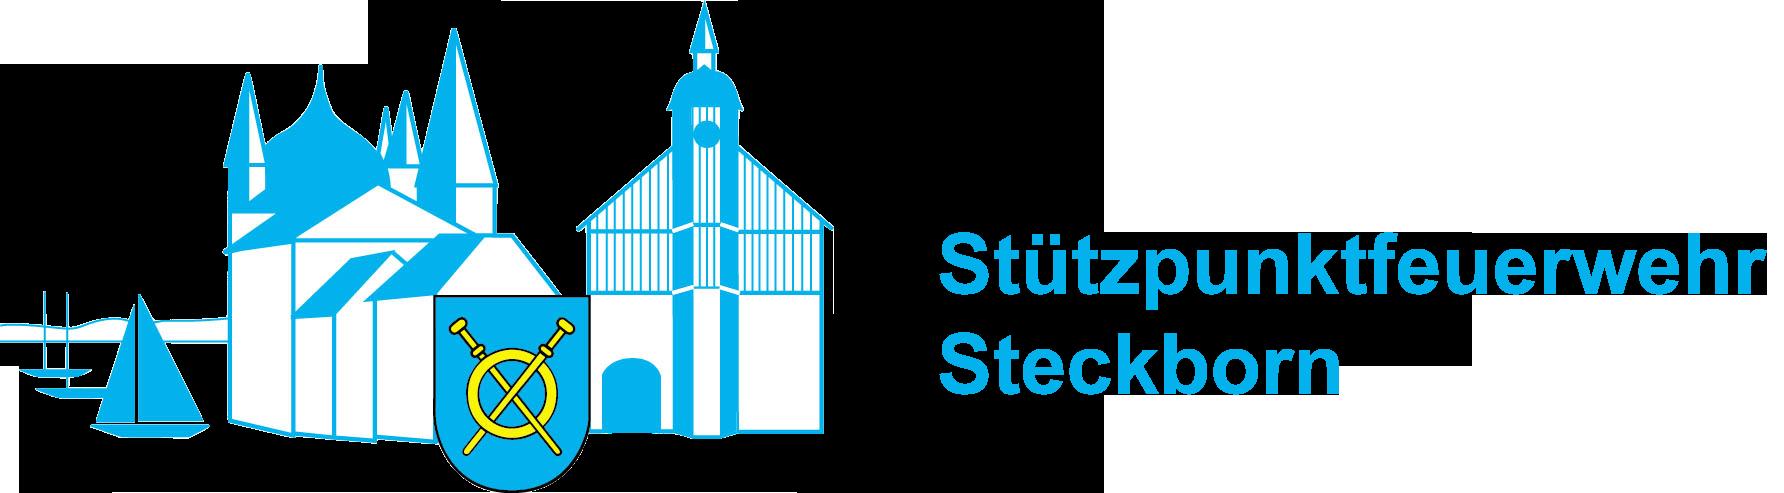 Feuerwehr Steckborn